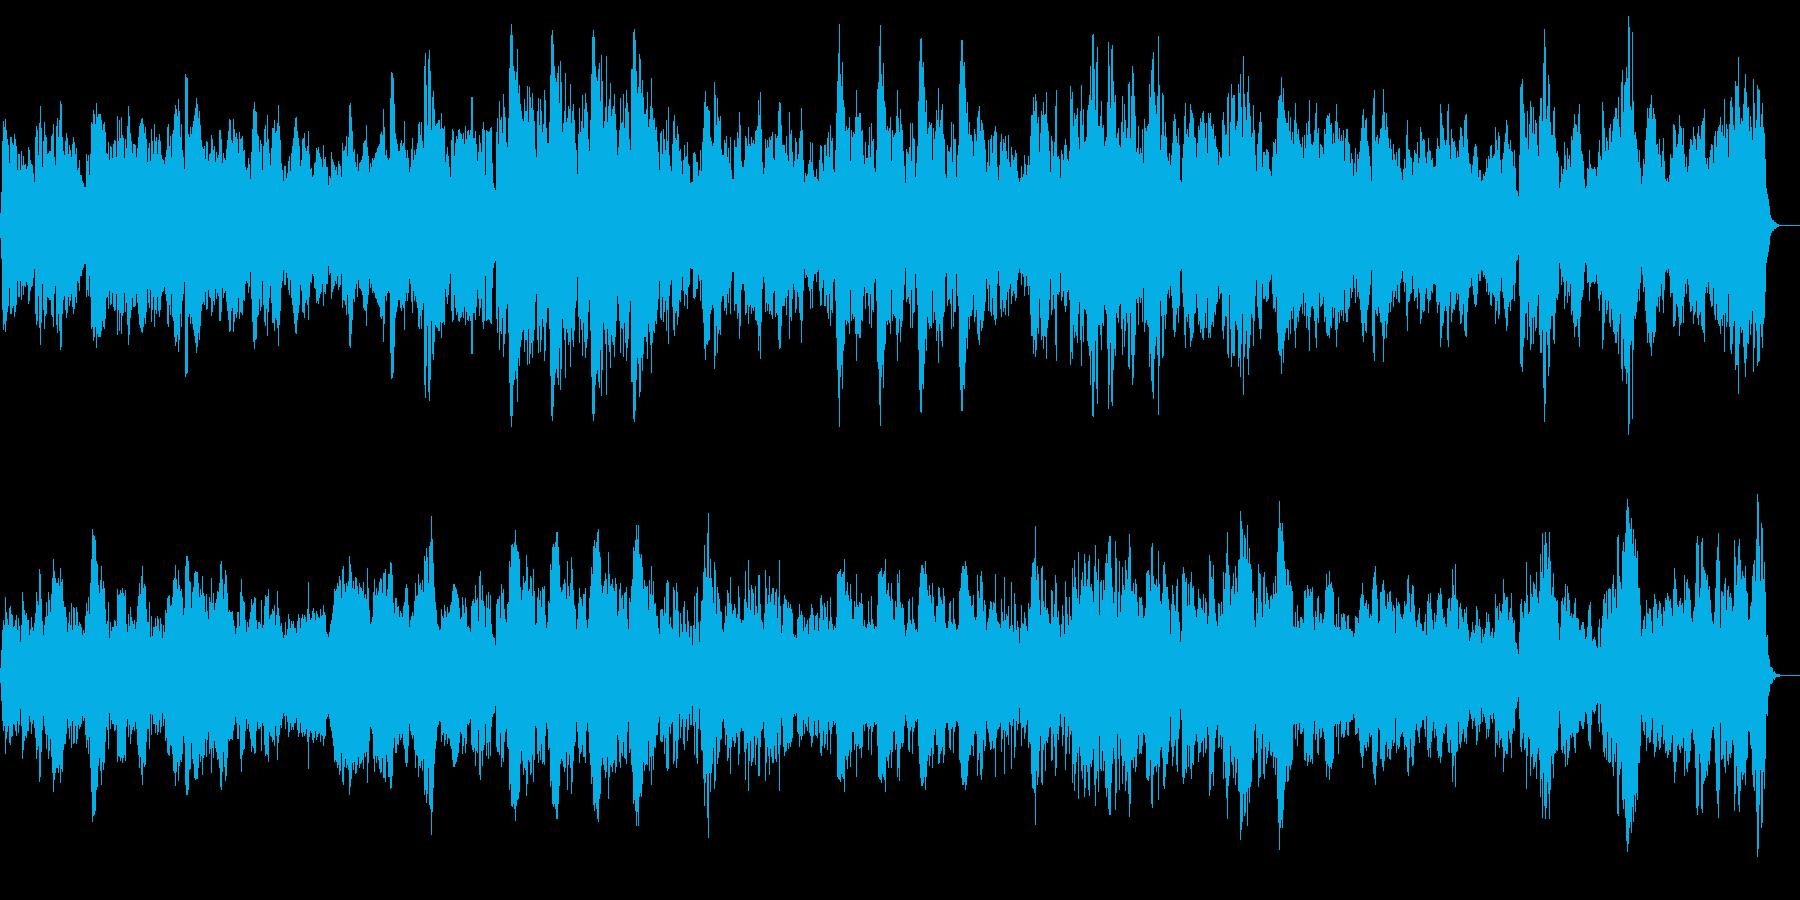 チャイコフスキー四季 4月 松雪草の再生済みの波形